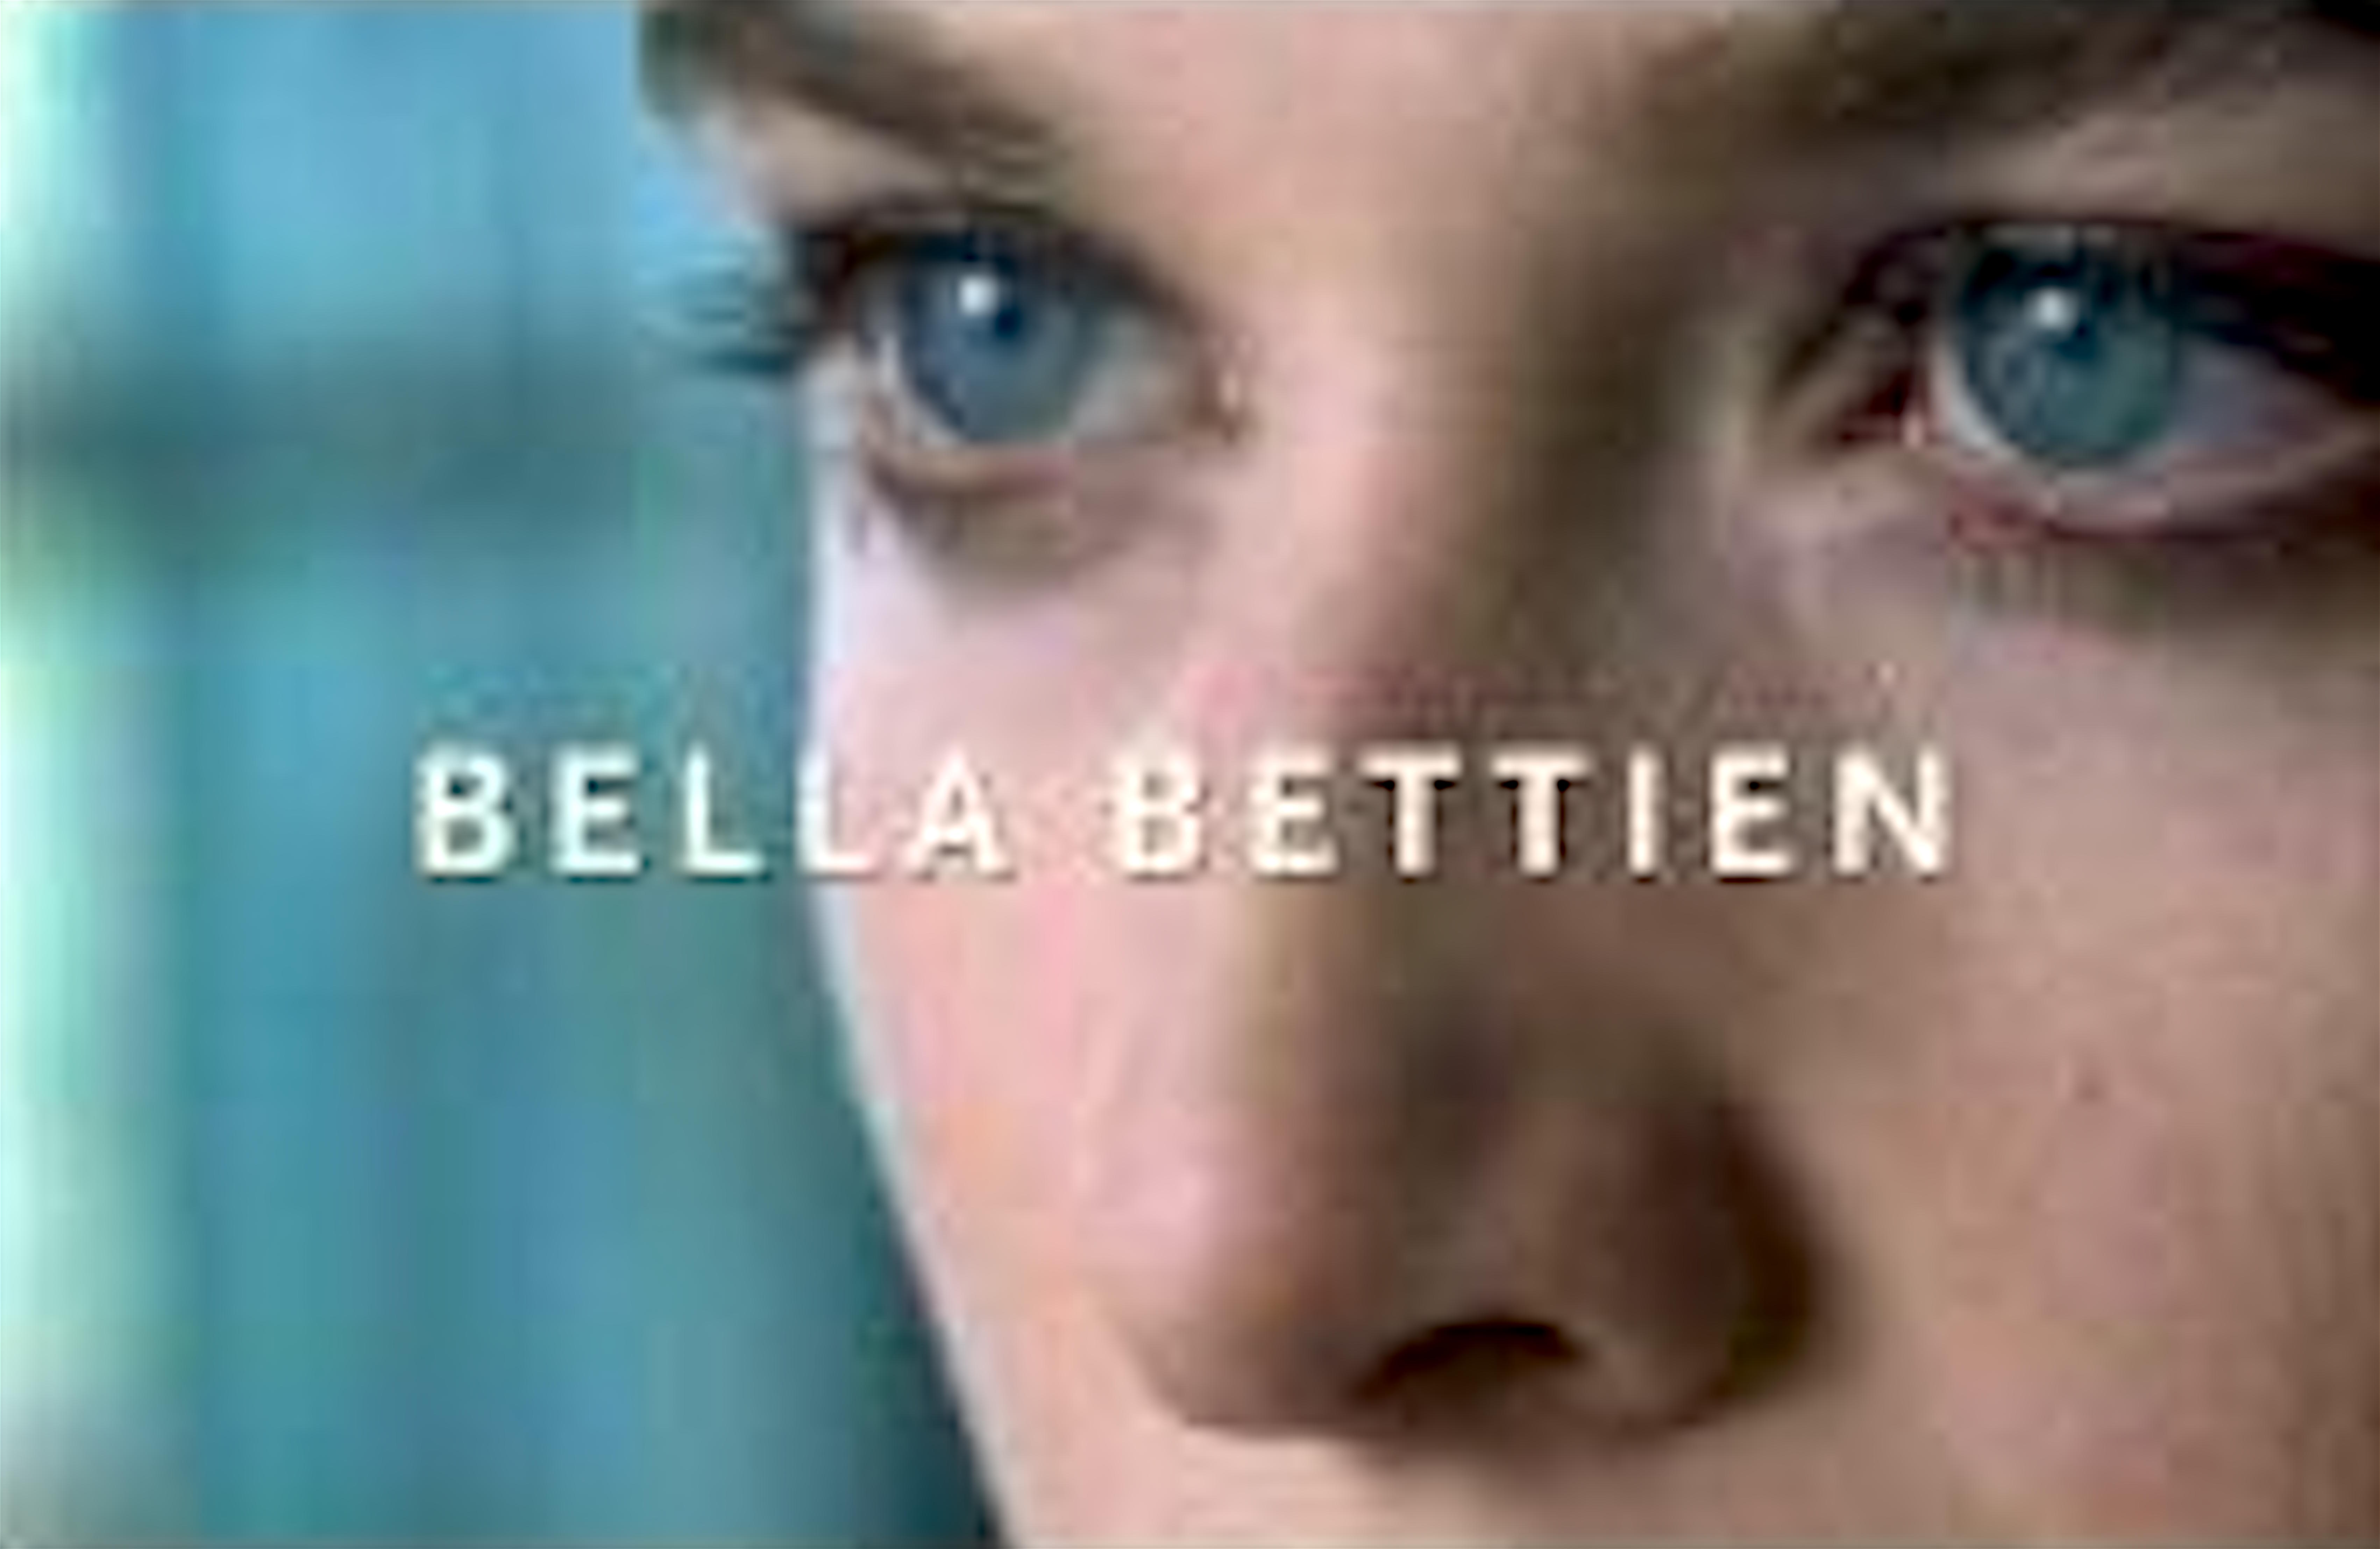 Hans Pos – Bella Bettien (foto YouTube)